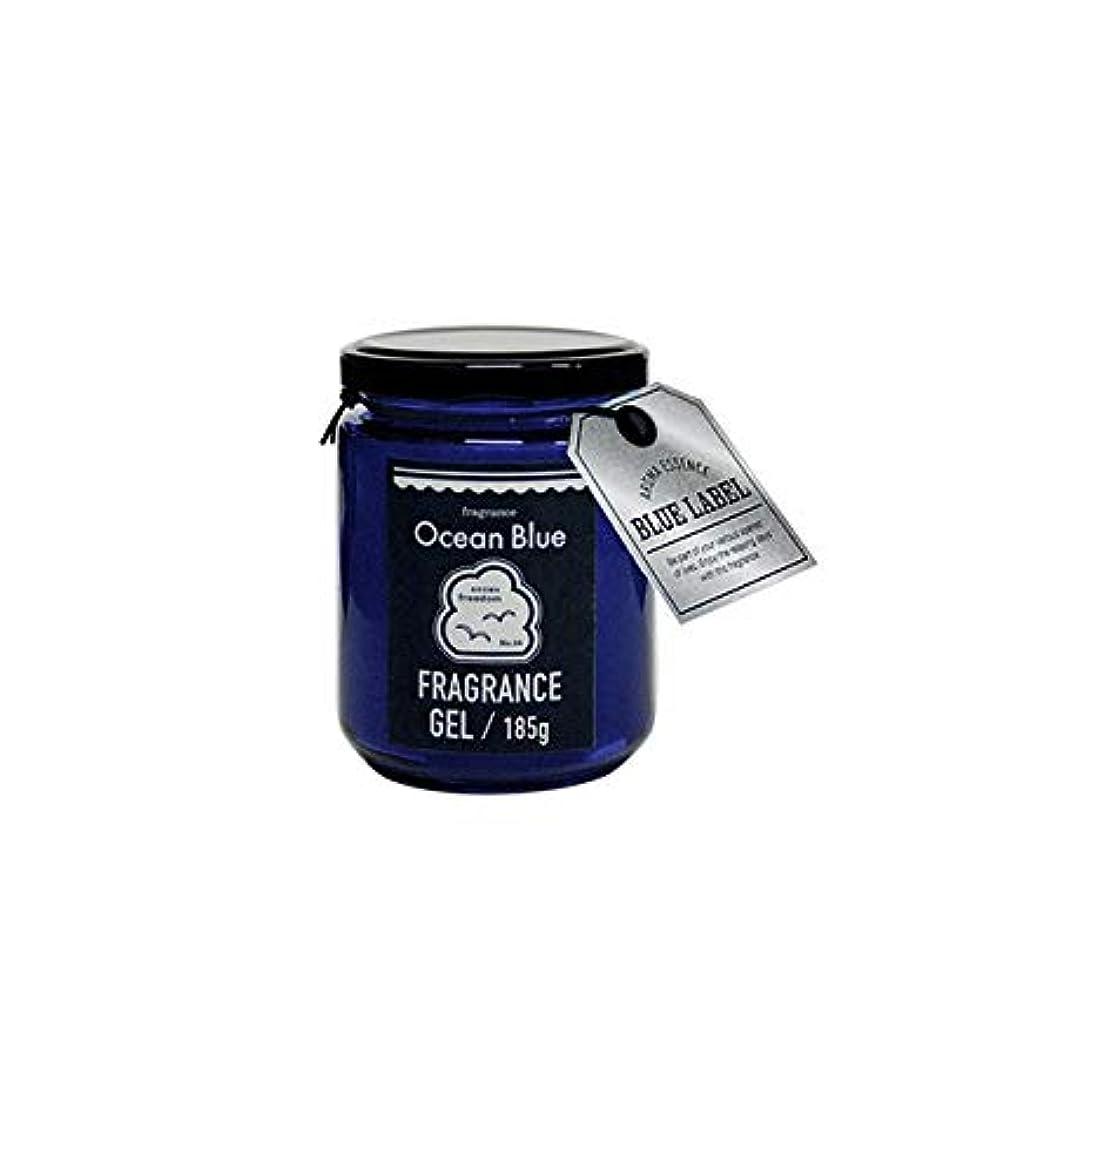 胃リゾート状態ブルーラベル ブルー フレグランスジェル185g オーシャンブルー(ルームフレグランス 約1-2ヶ月 海の爽快な香り)